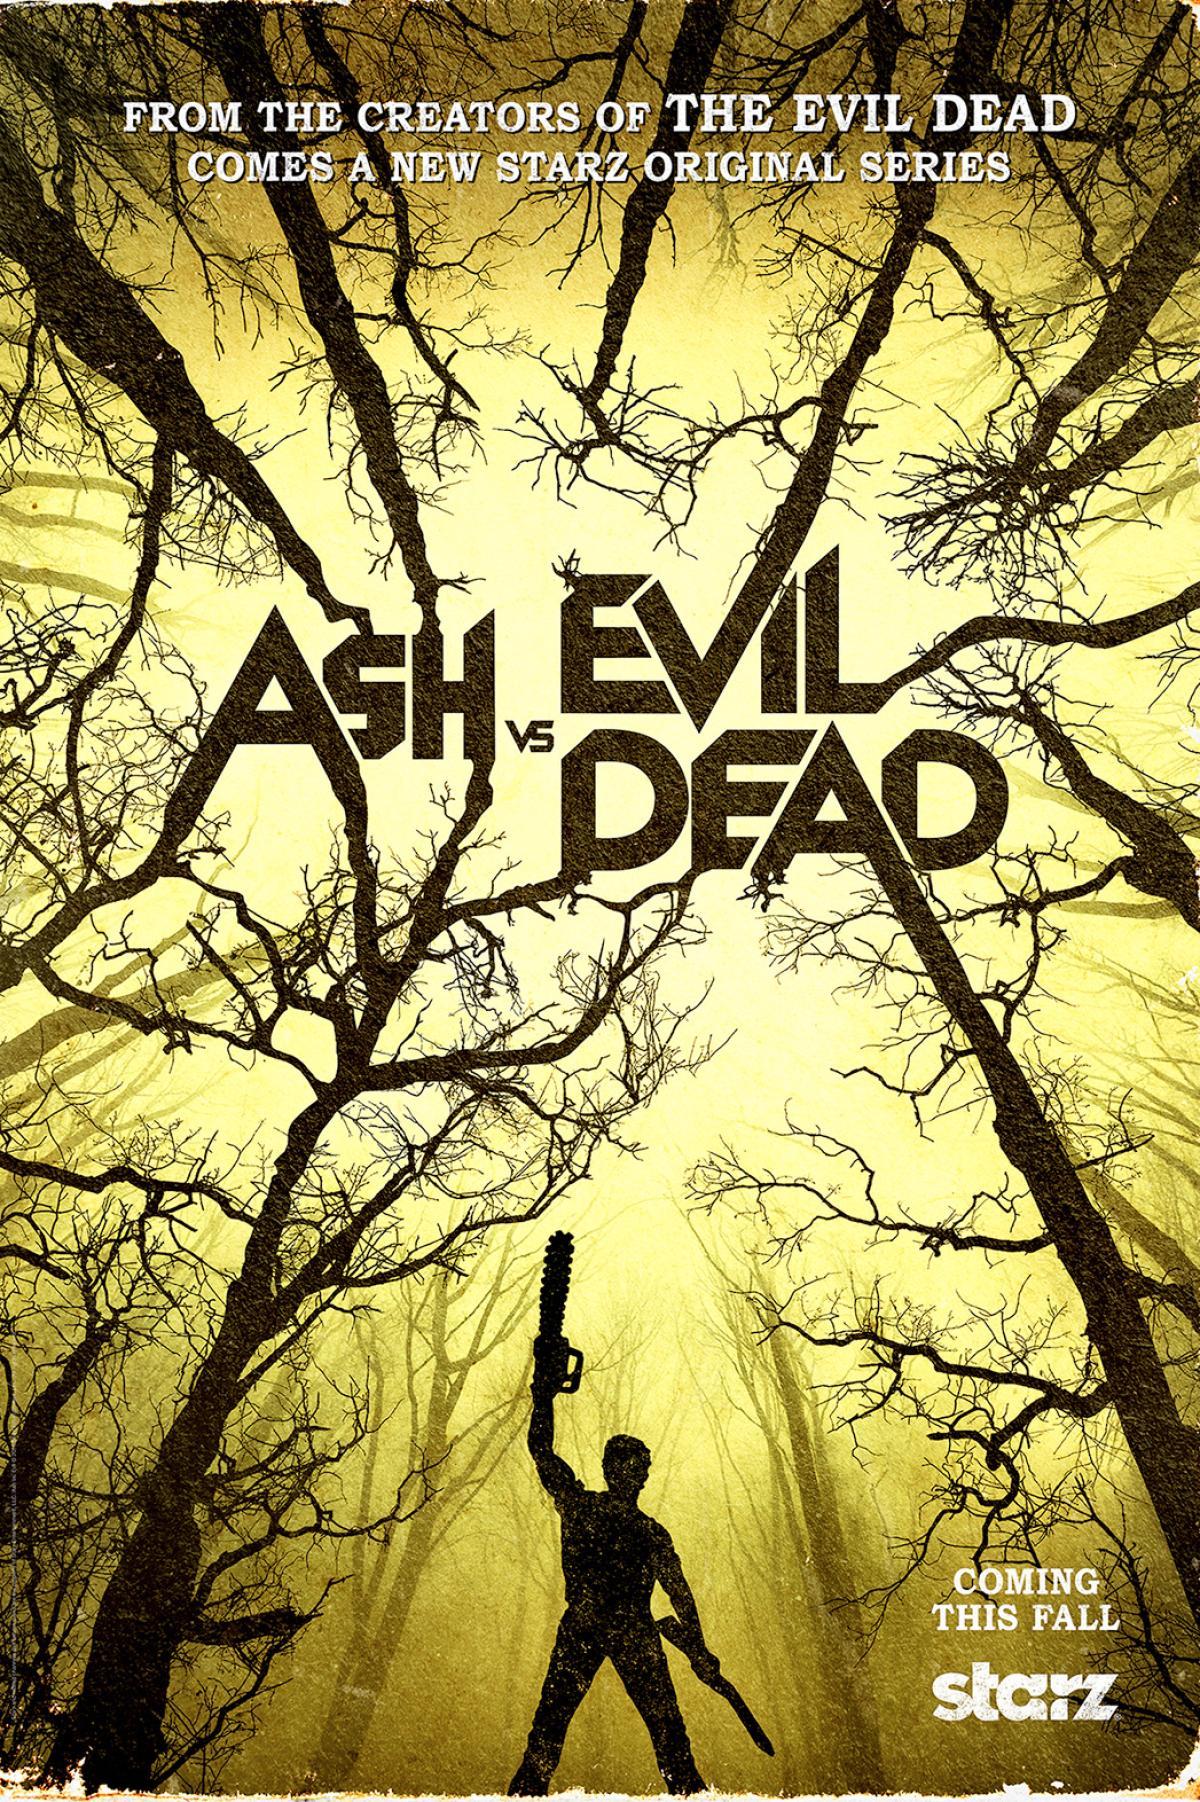 Ash Vs Evil Dead Crítica Del Capítulo 1 El Jefe Hobbyconsolas Entretenimiento